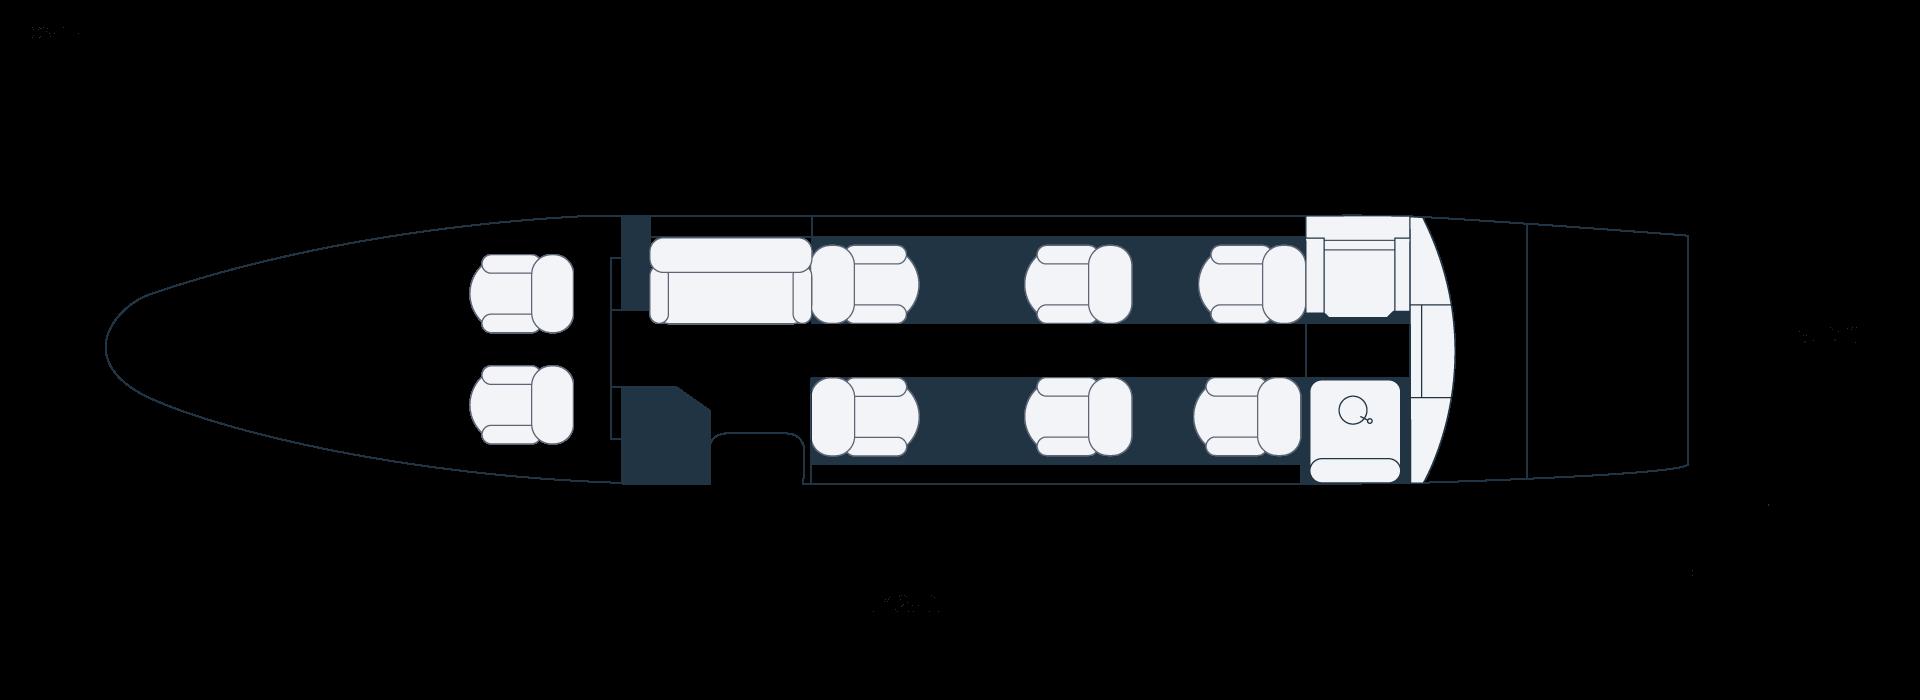 Grundriss eines Embraer Phenom 300 Privatjets